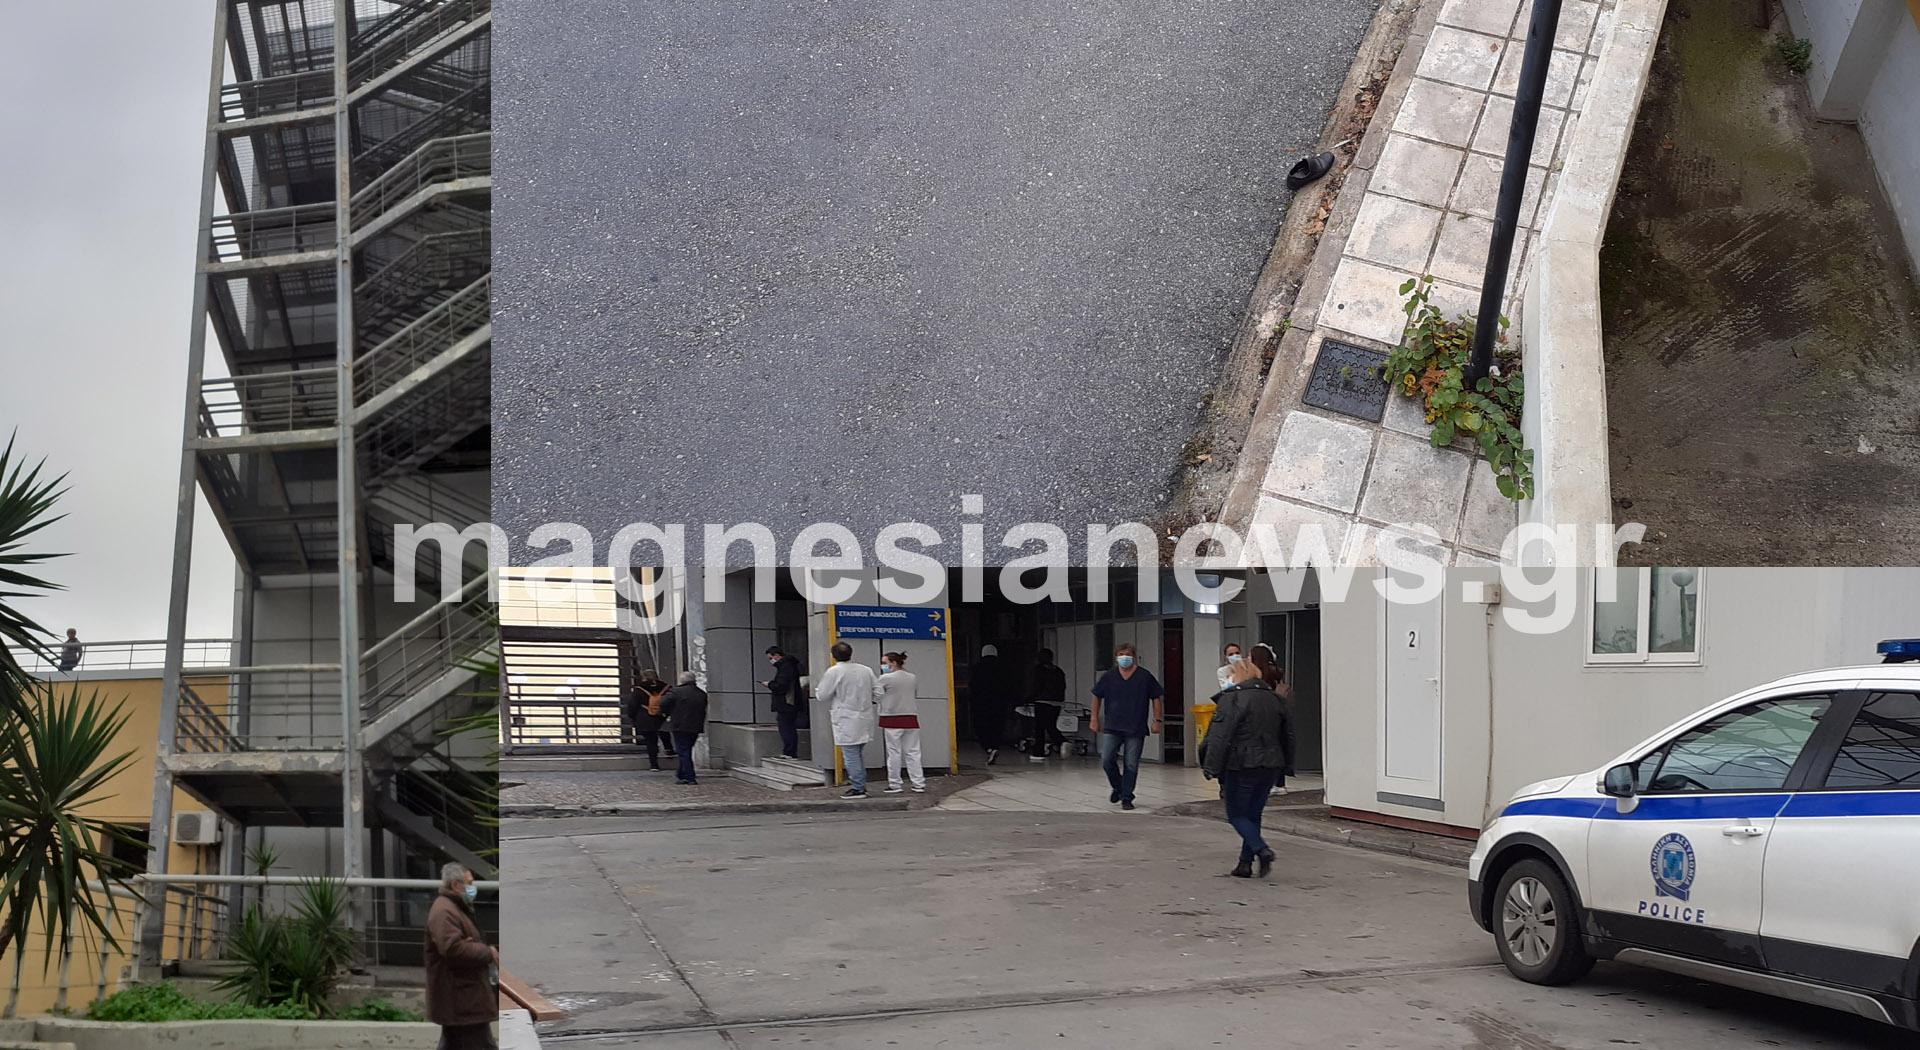 nosoomeio - Γιατρός αυτοκτόνησε πέφτοντας απ' τον 5ο όροφο